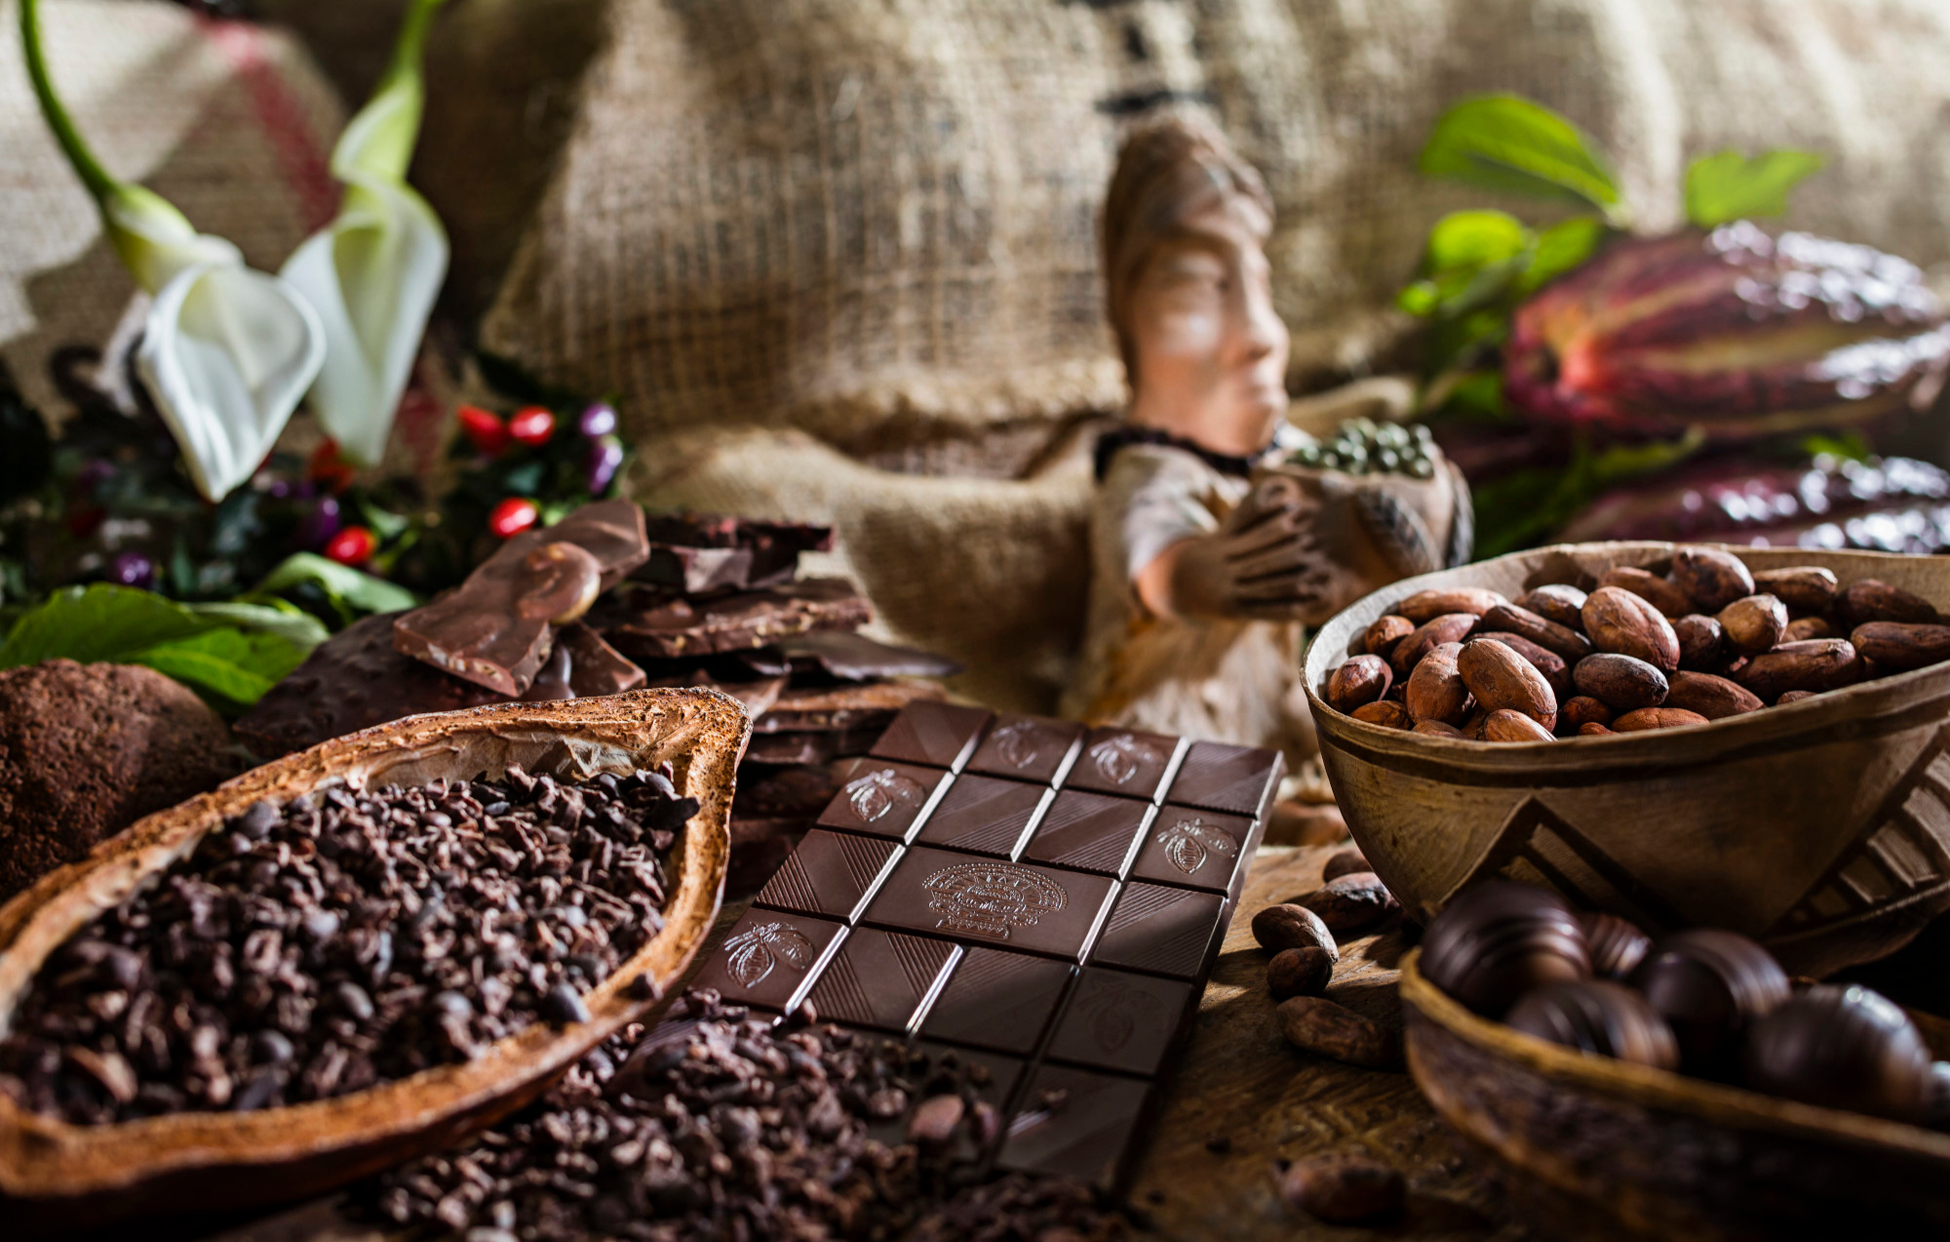 schokoladenverkostung-essen-bg1